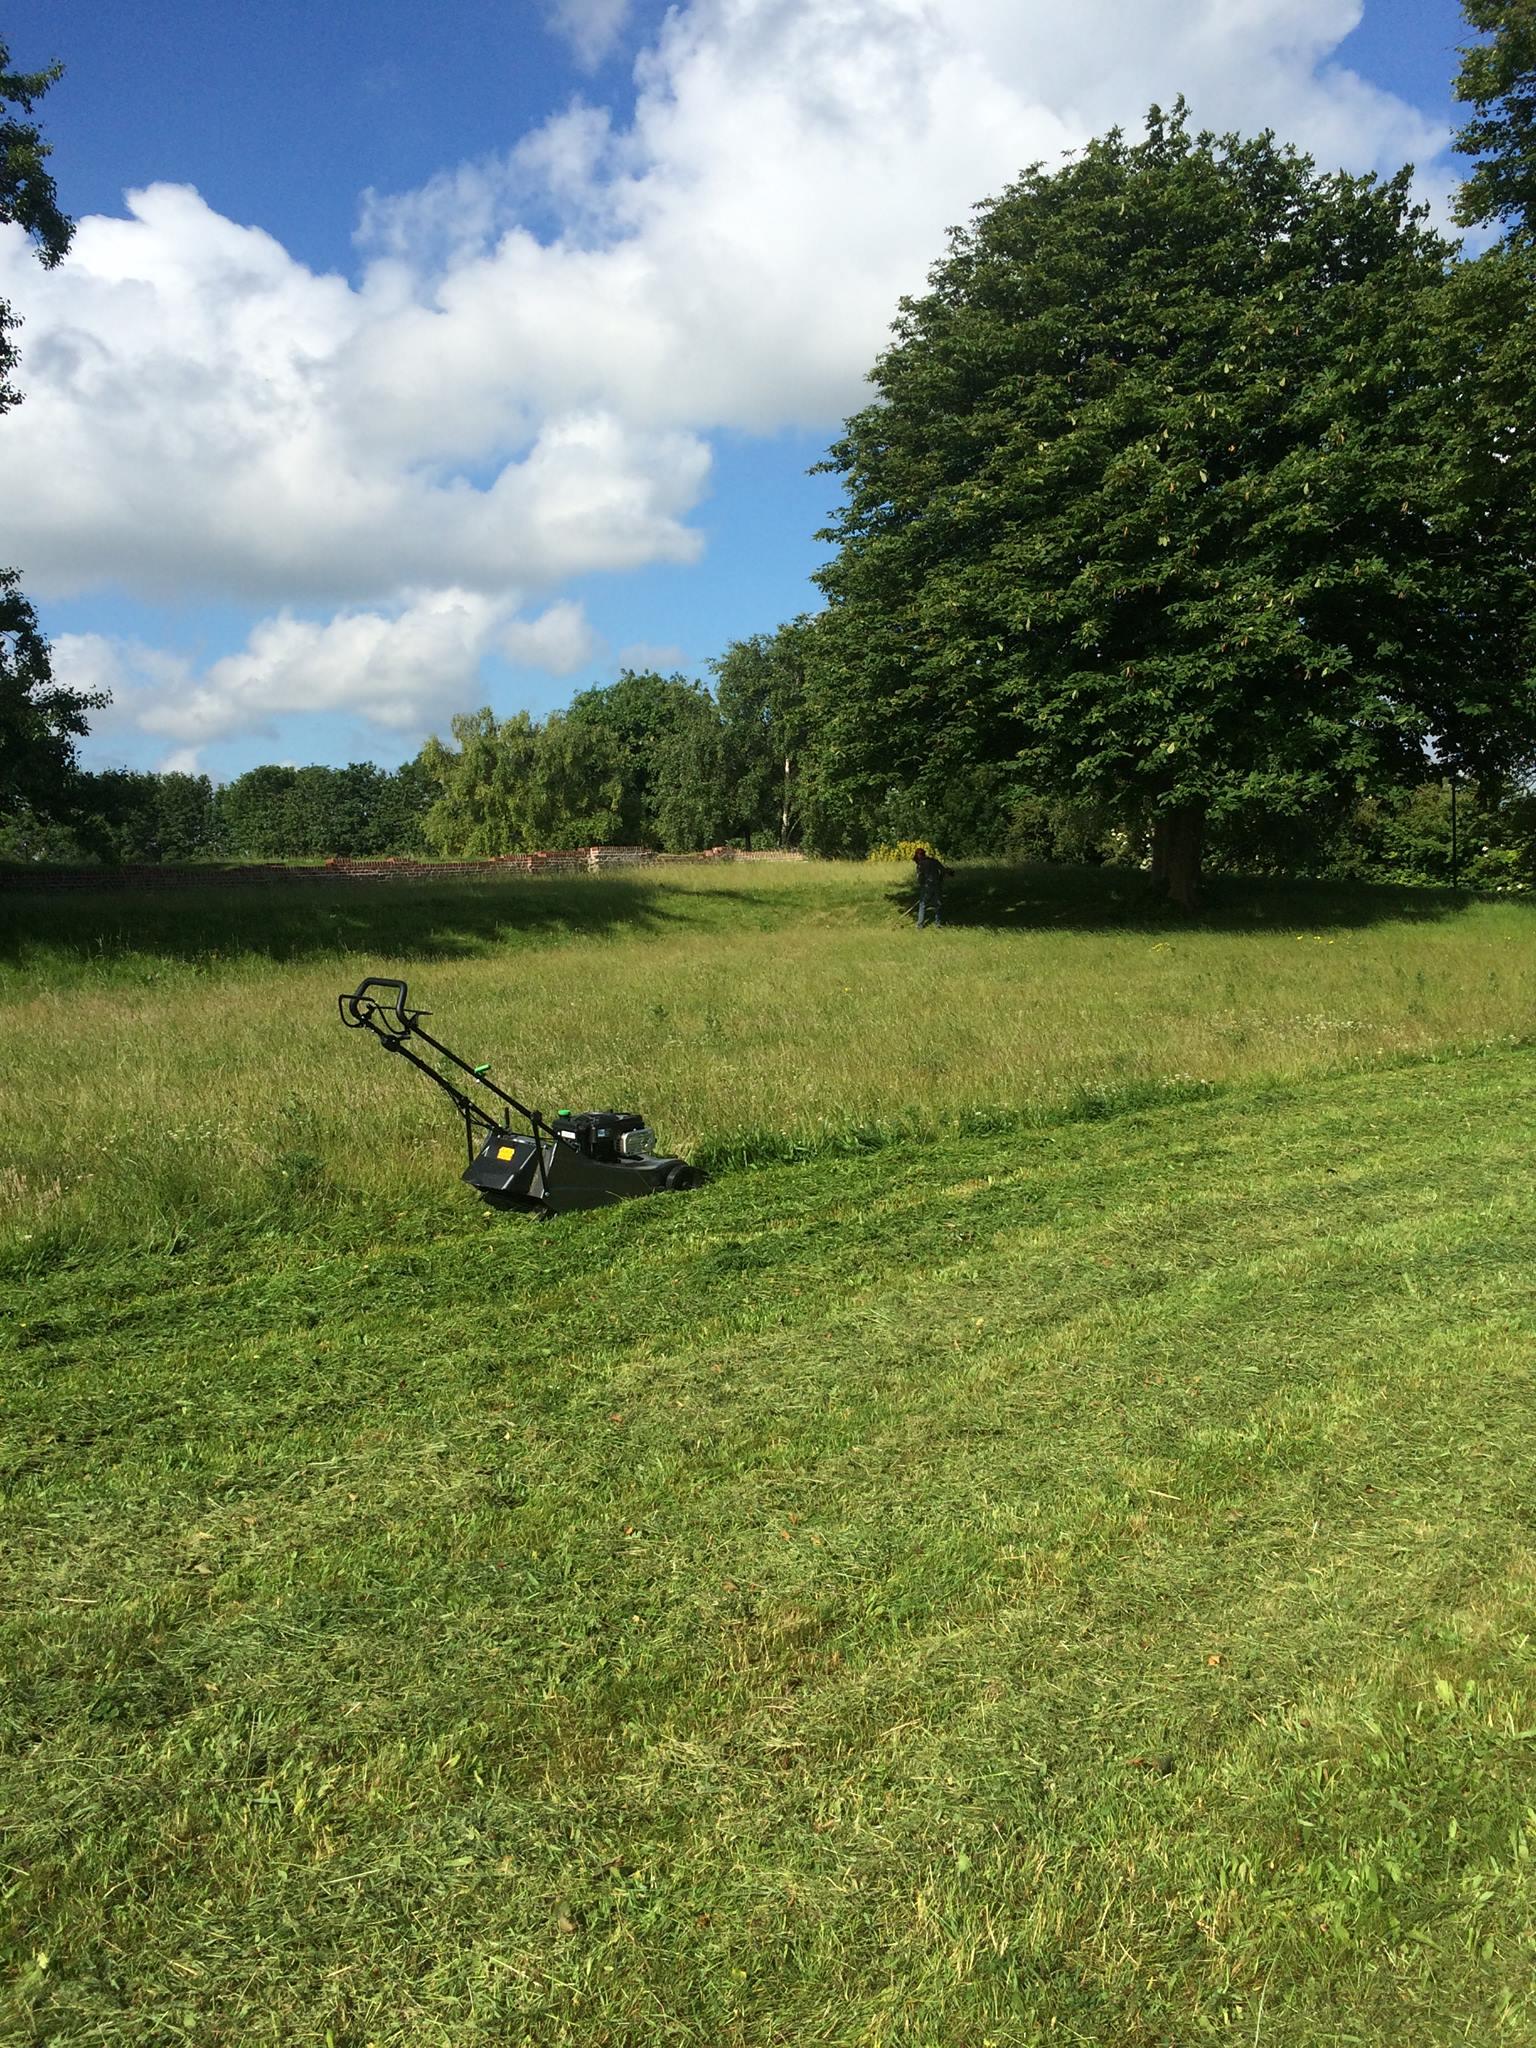 An overgrown grass area